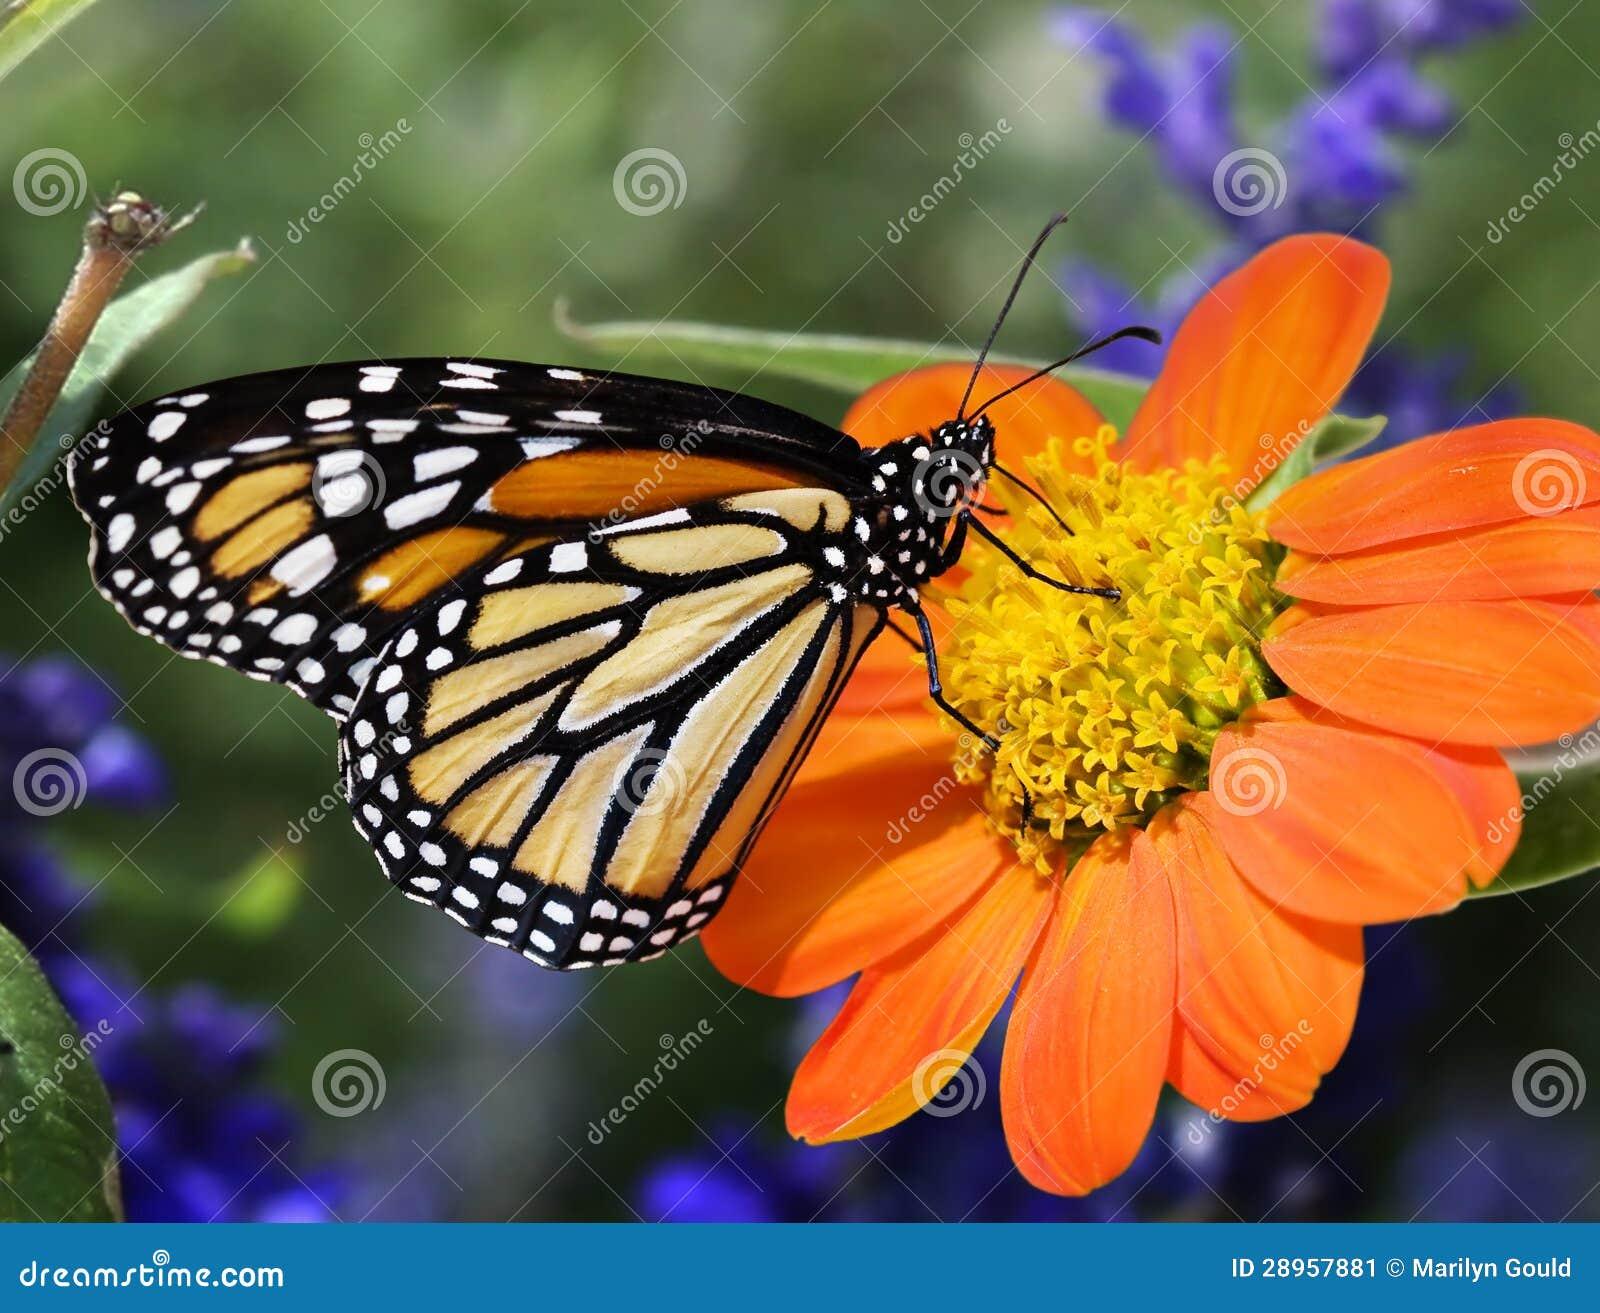 Profile Monarch Butterfly Feeding